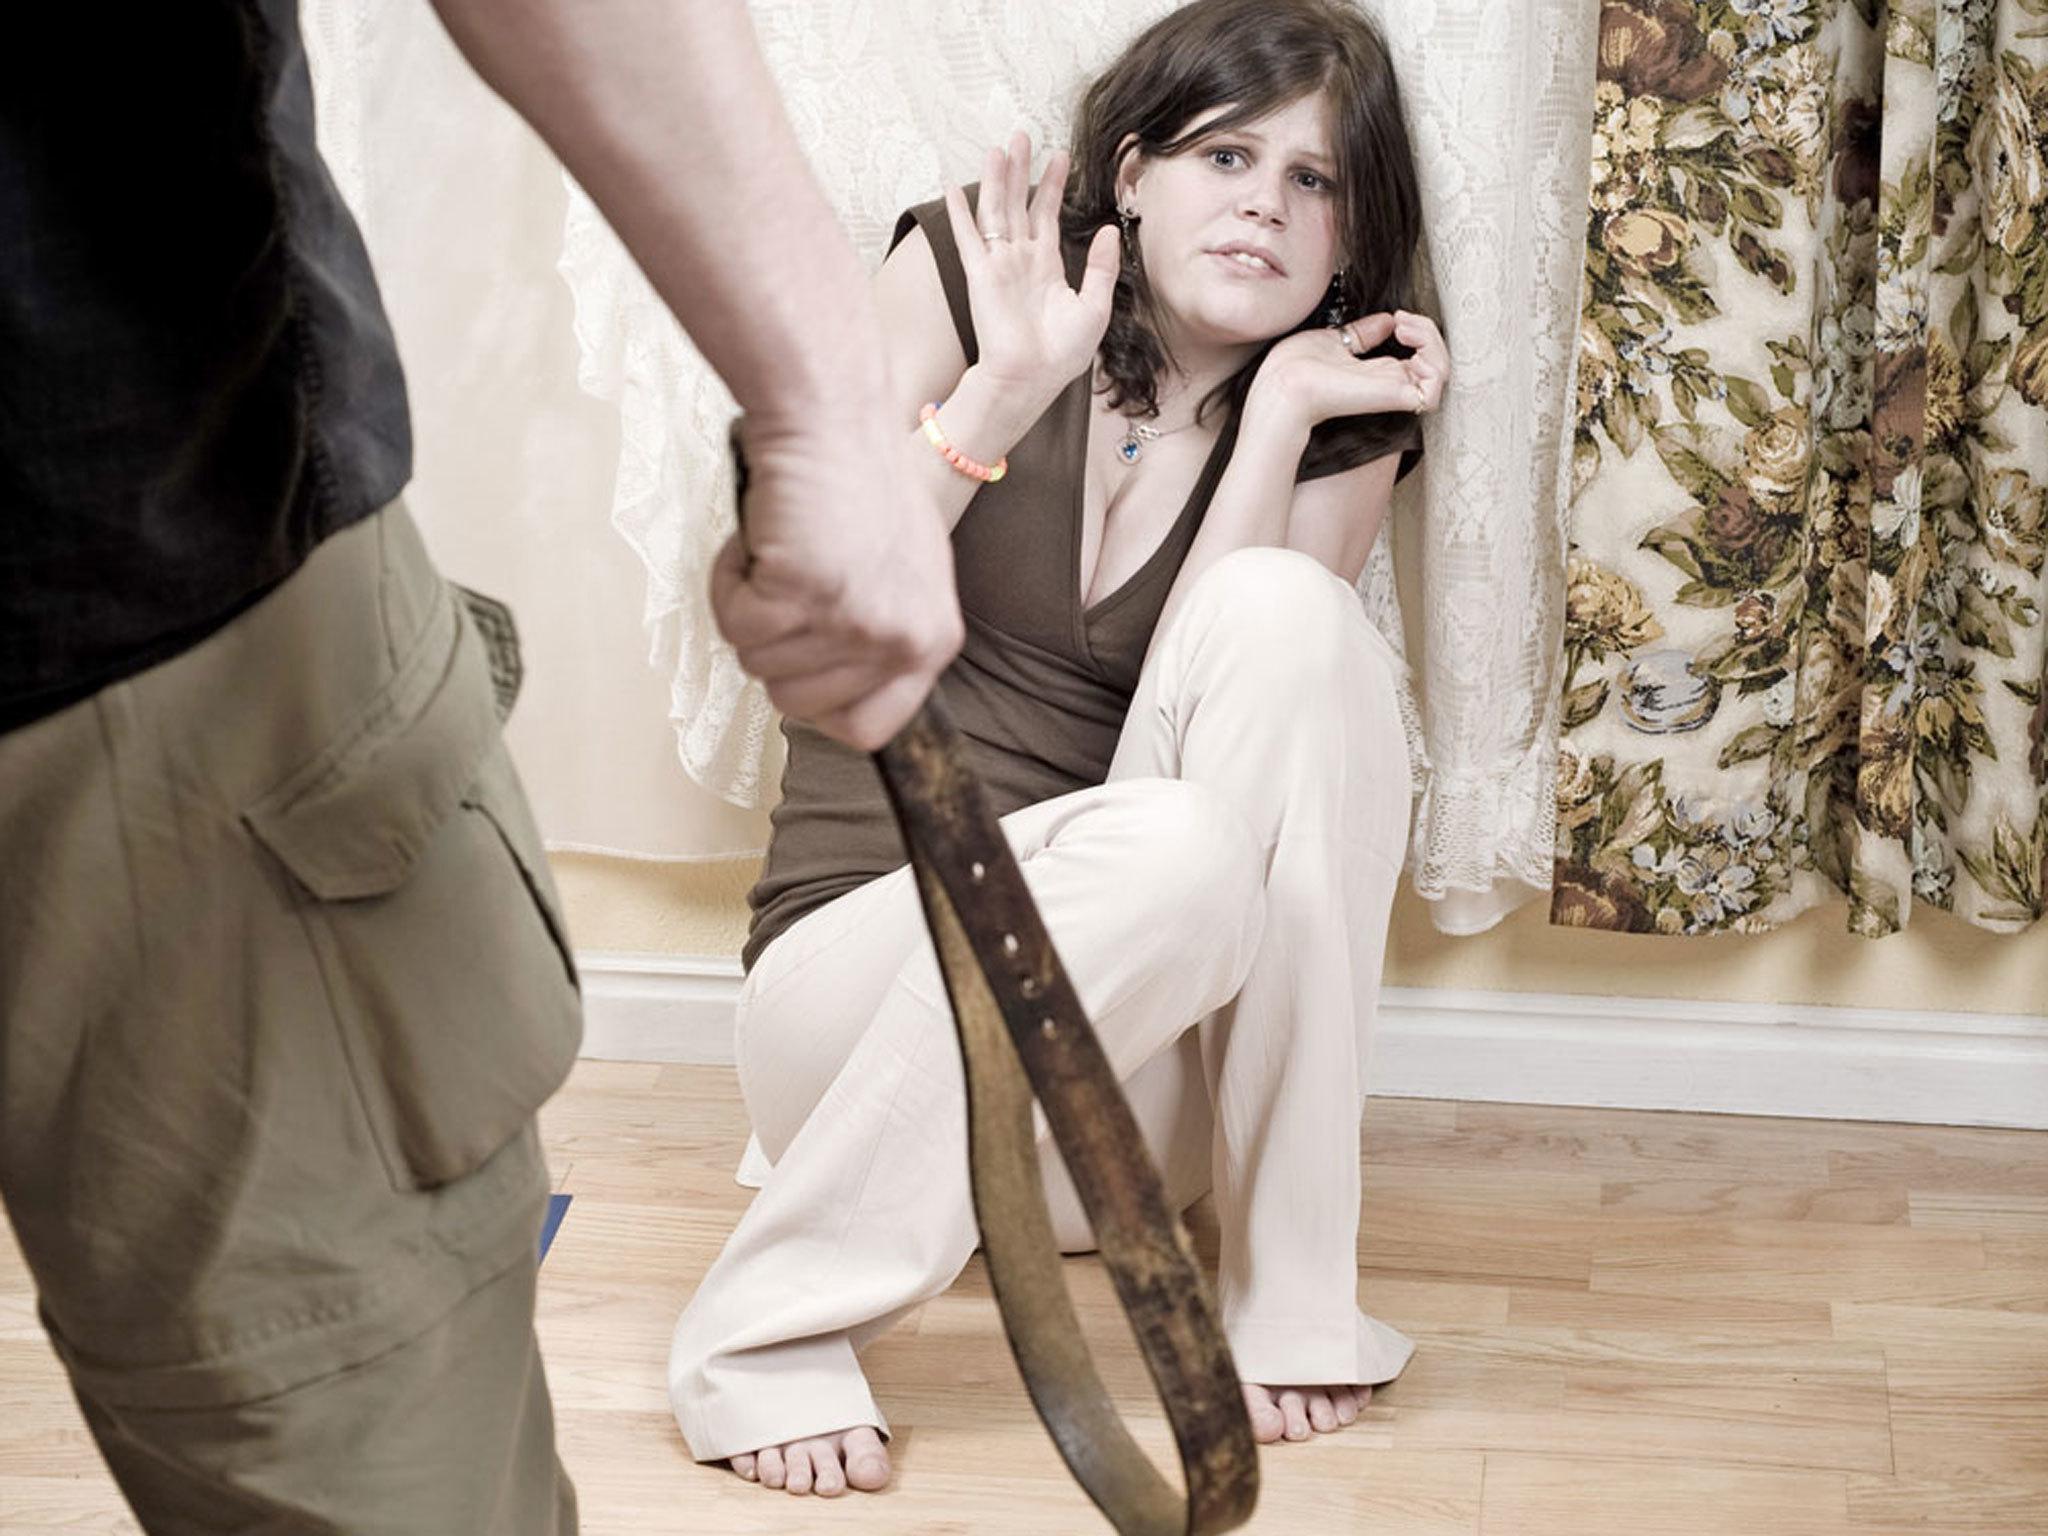 Лишении девочек девственности 10 фотография